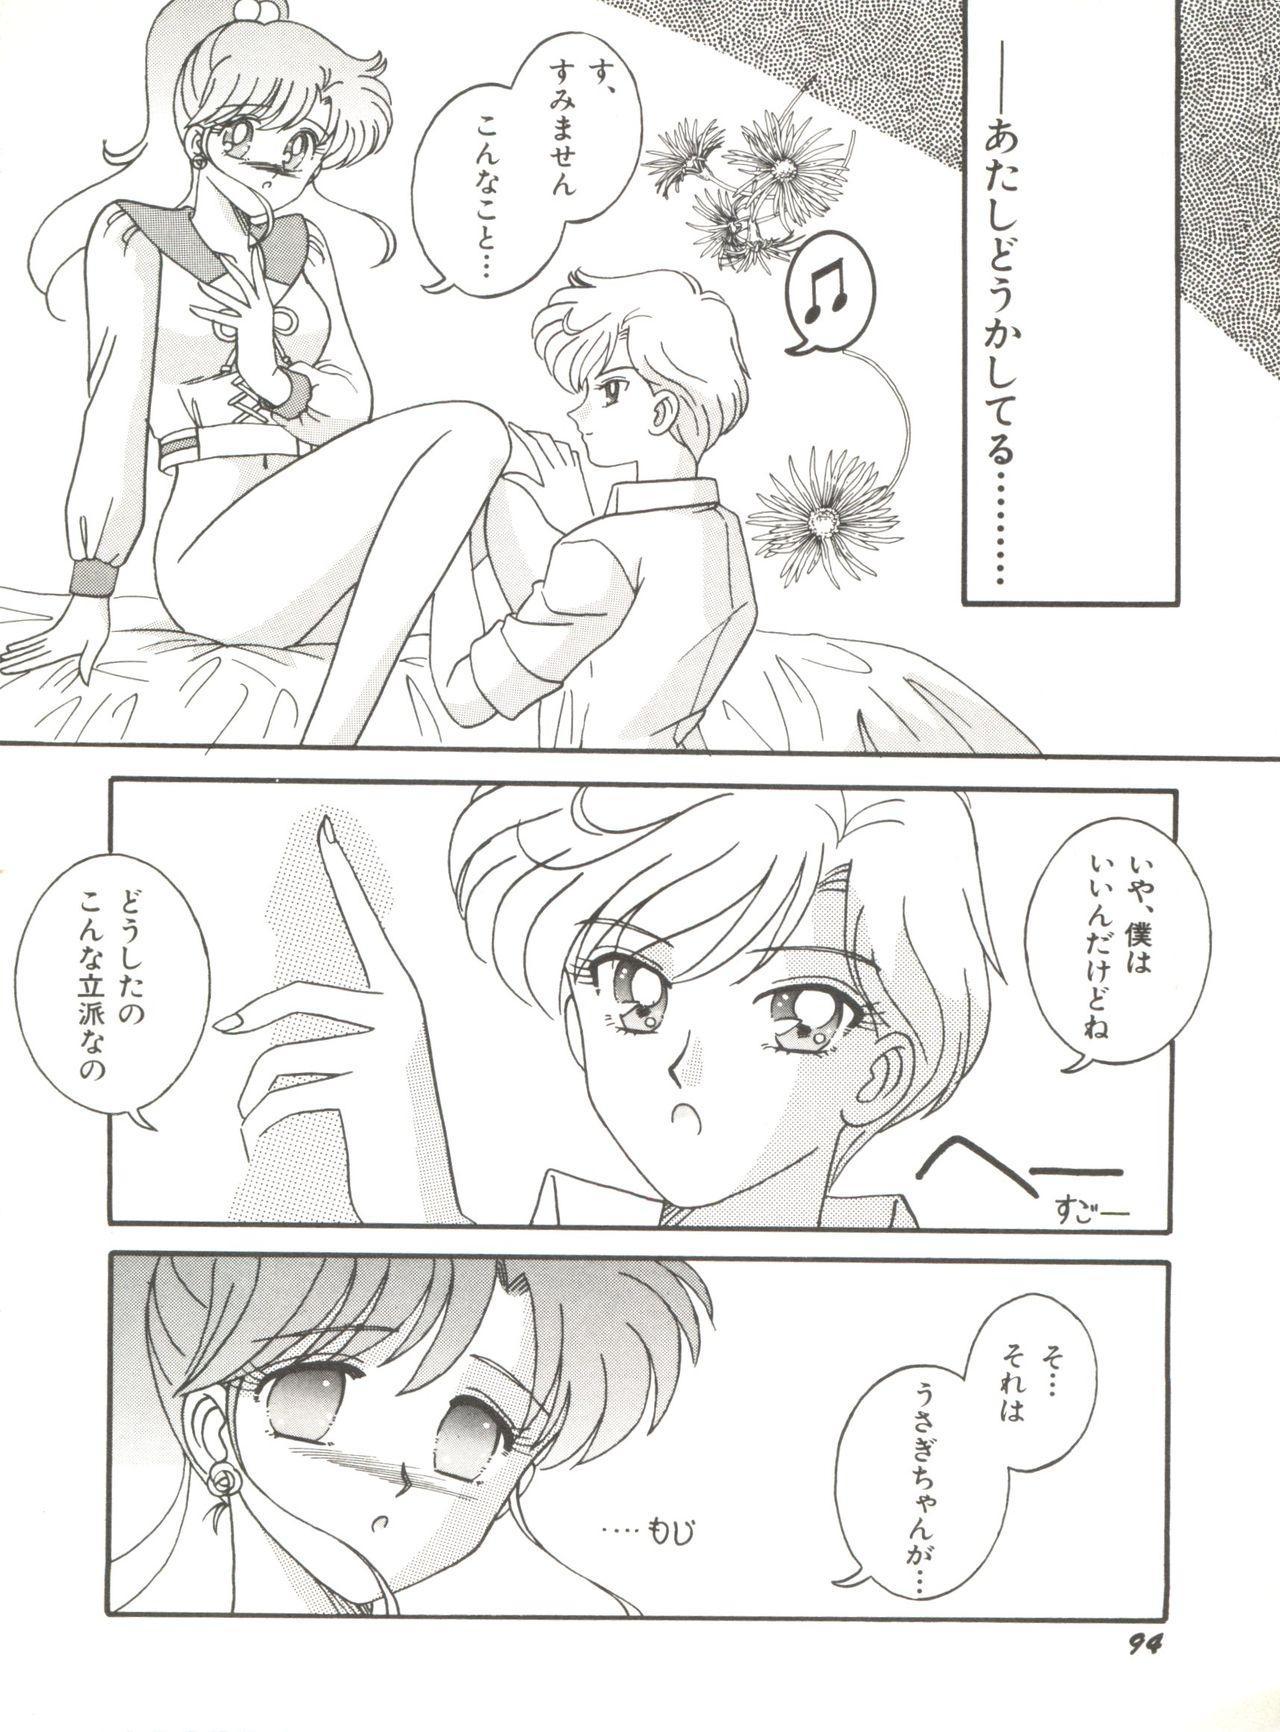 Bishoujo Doujinshi Anthology 12 - Moon Paradise 7 Tsuki no Rakuen 98